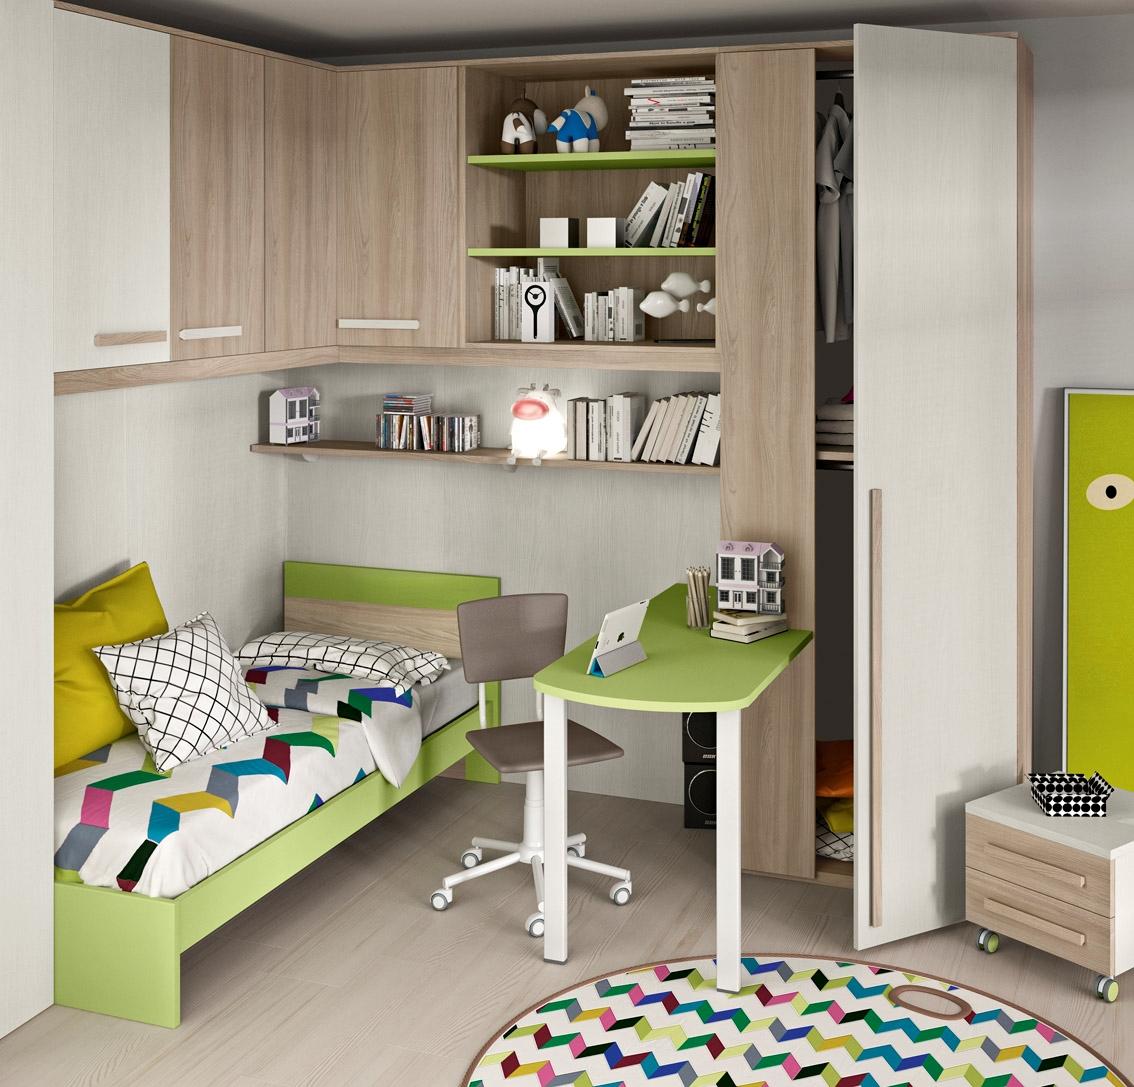 Cameretta angolare con un letto colorata camerette a prezzi scontati - Cameretta con scrivania ...